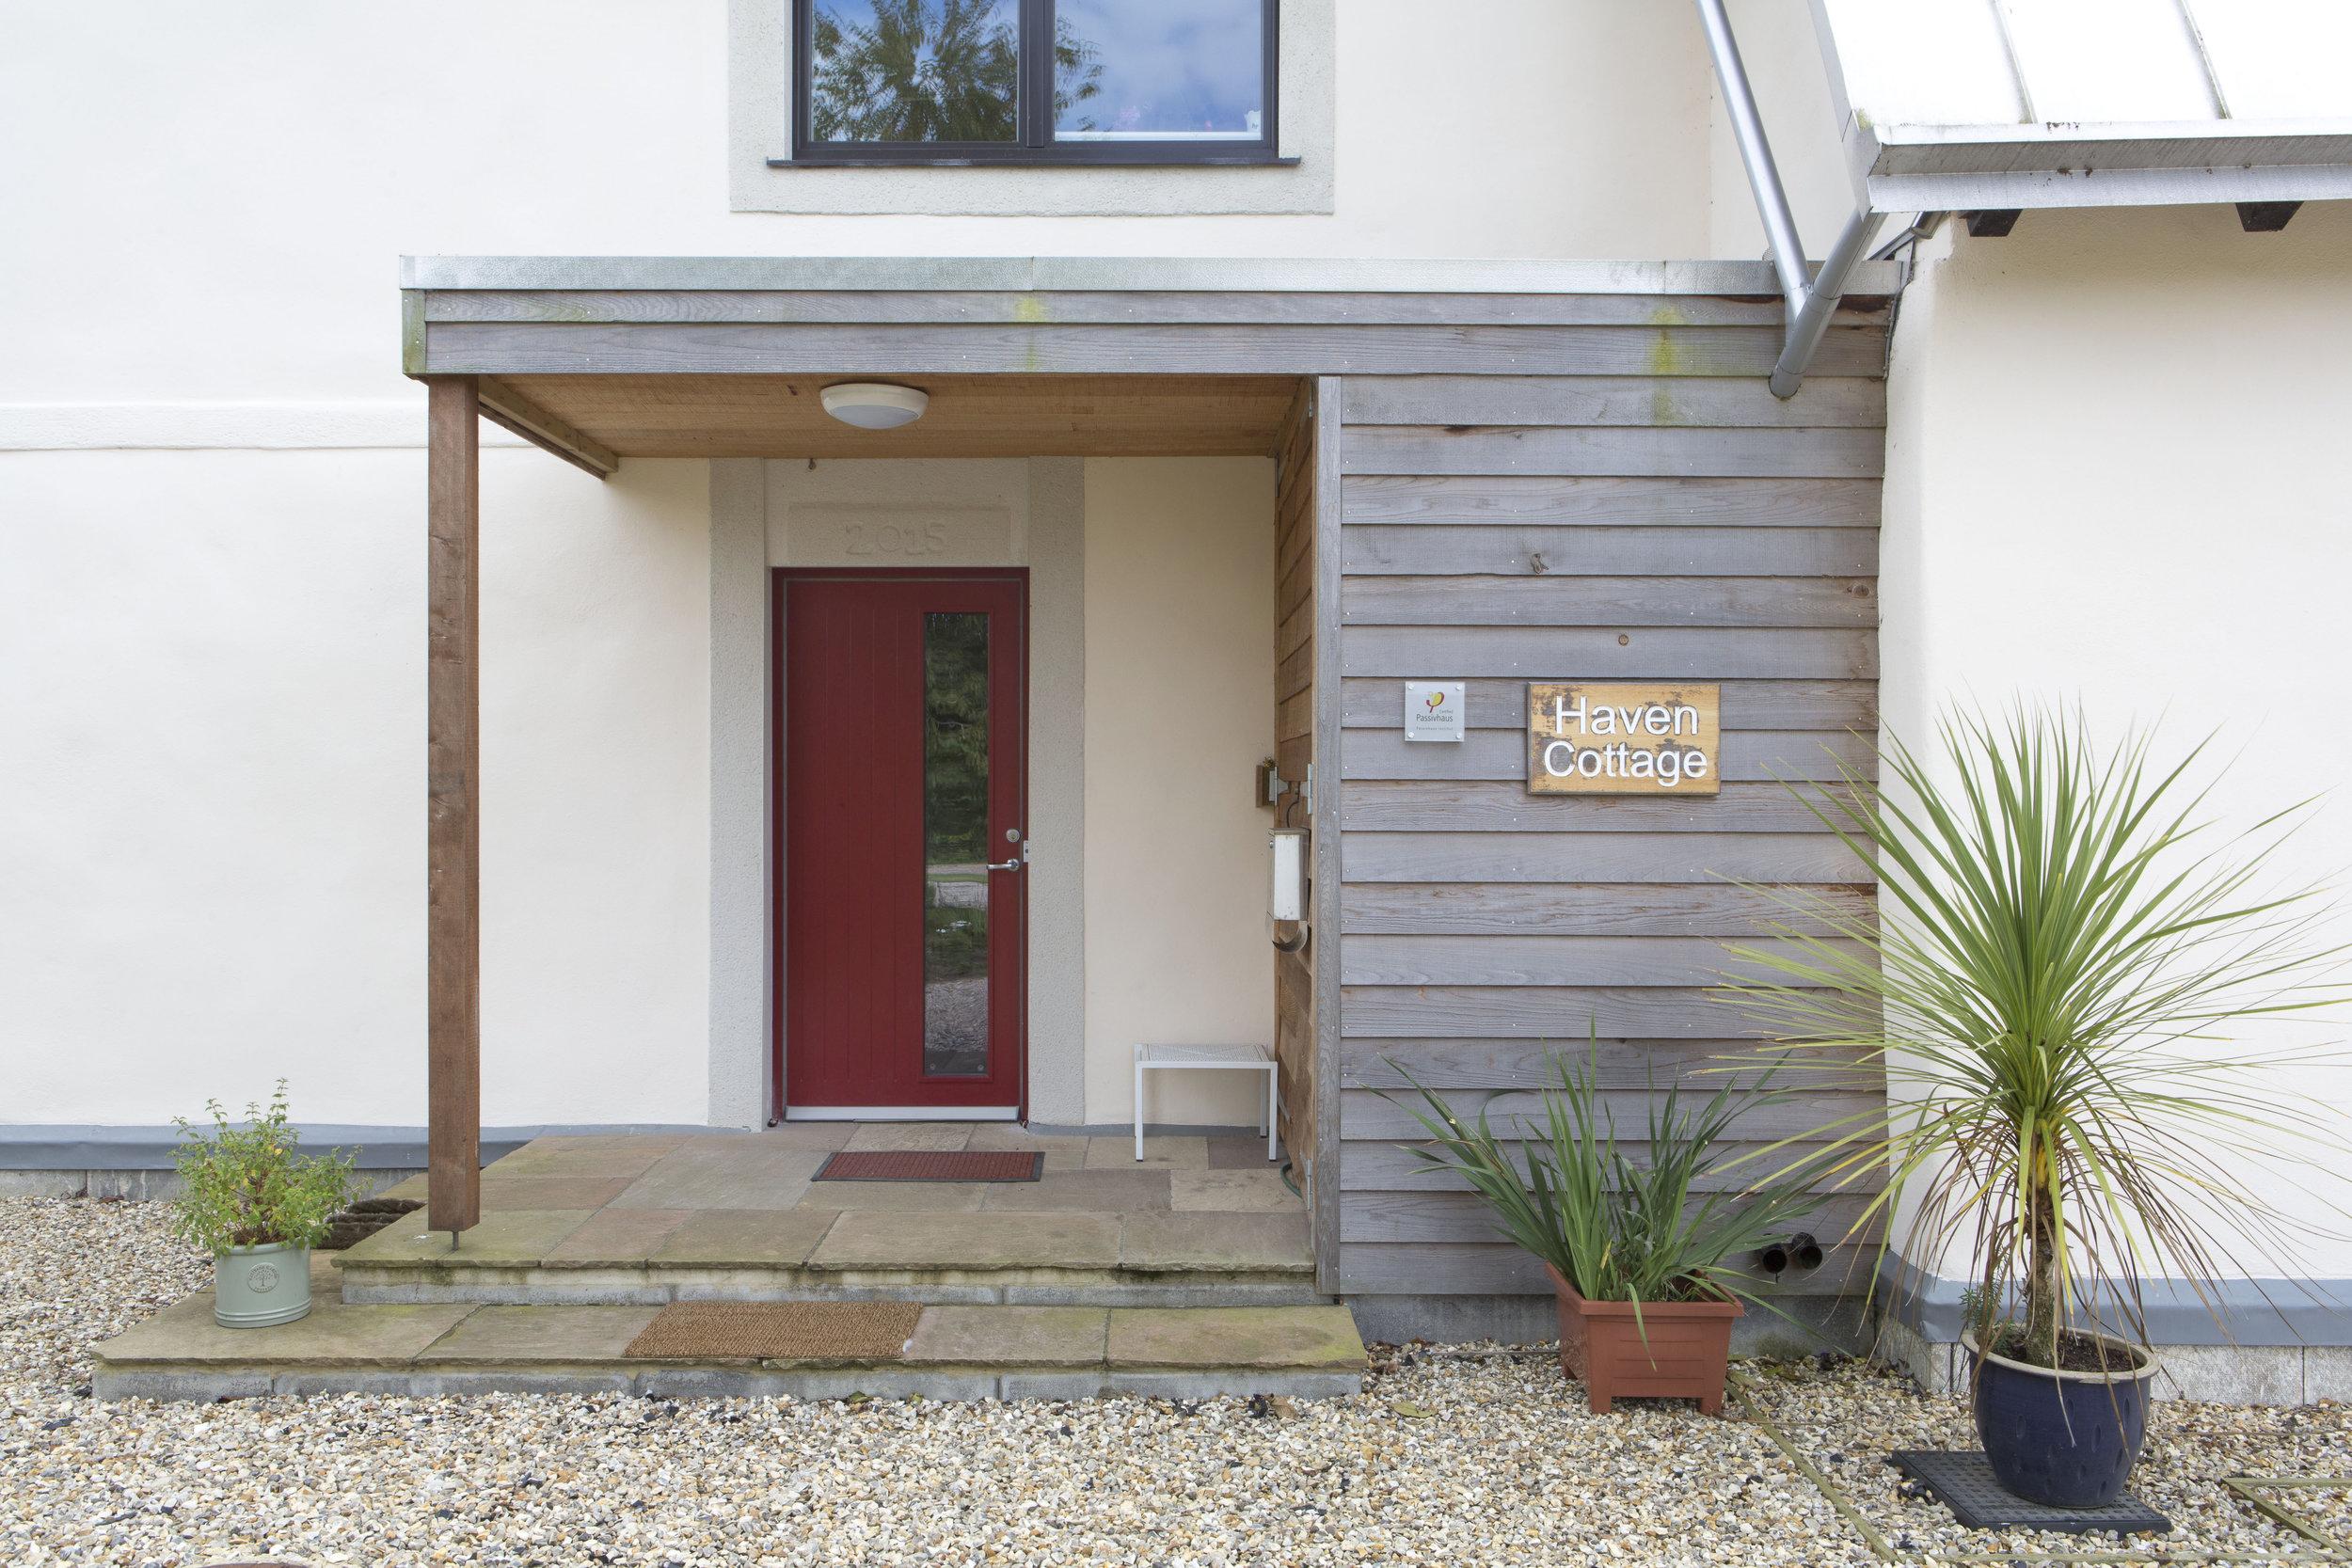 Haven Cottage_25.JPG